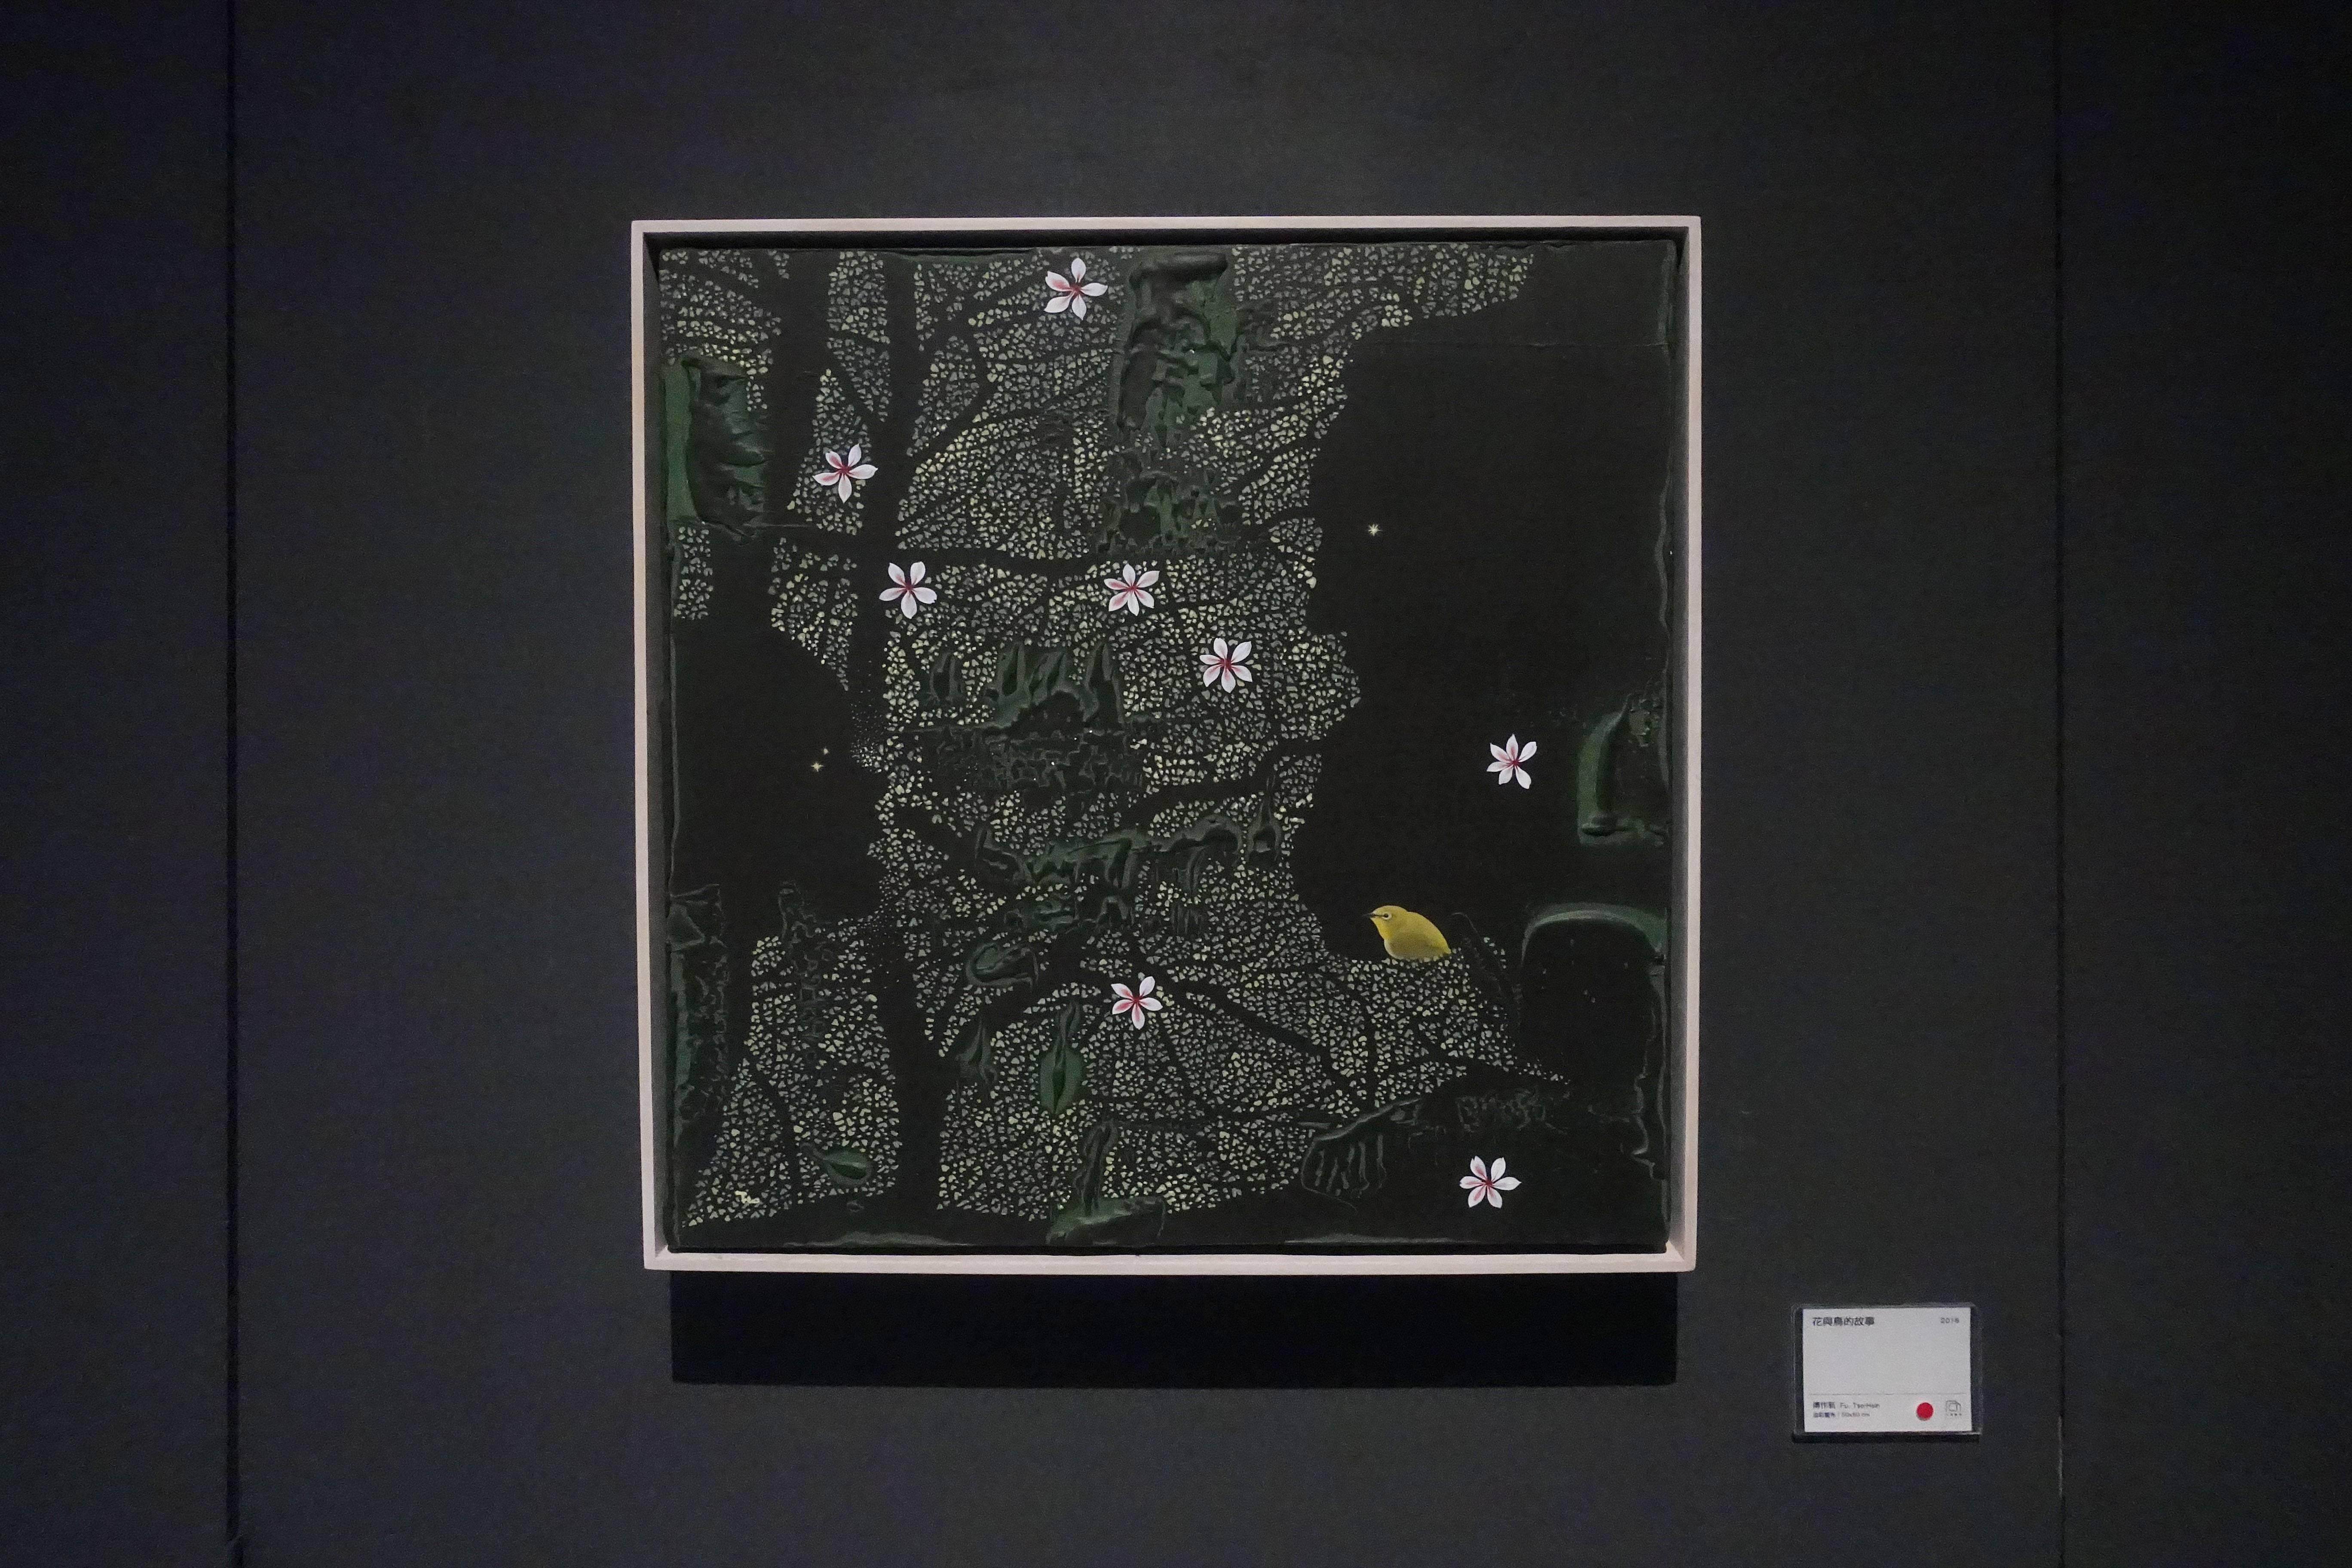 傅作新,《花與鳥的故事》,油彩畫布,2018。